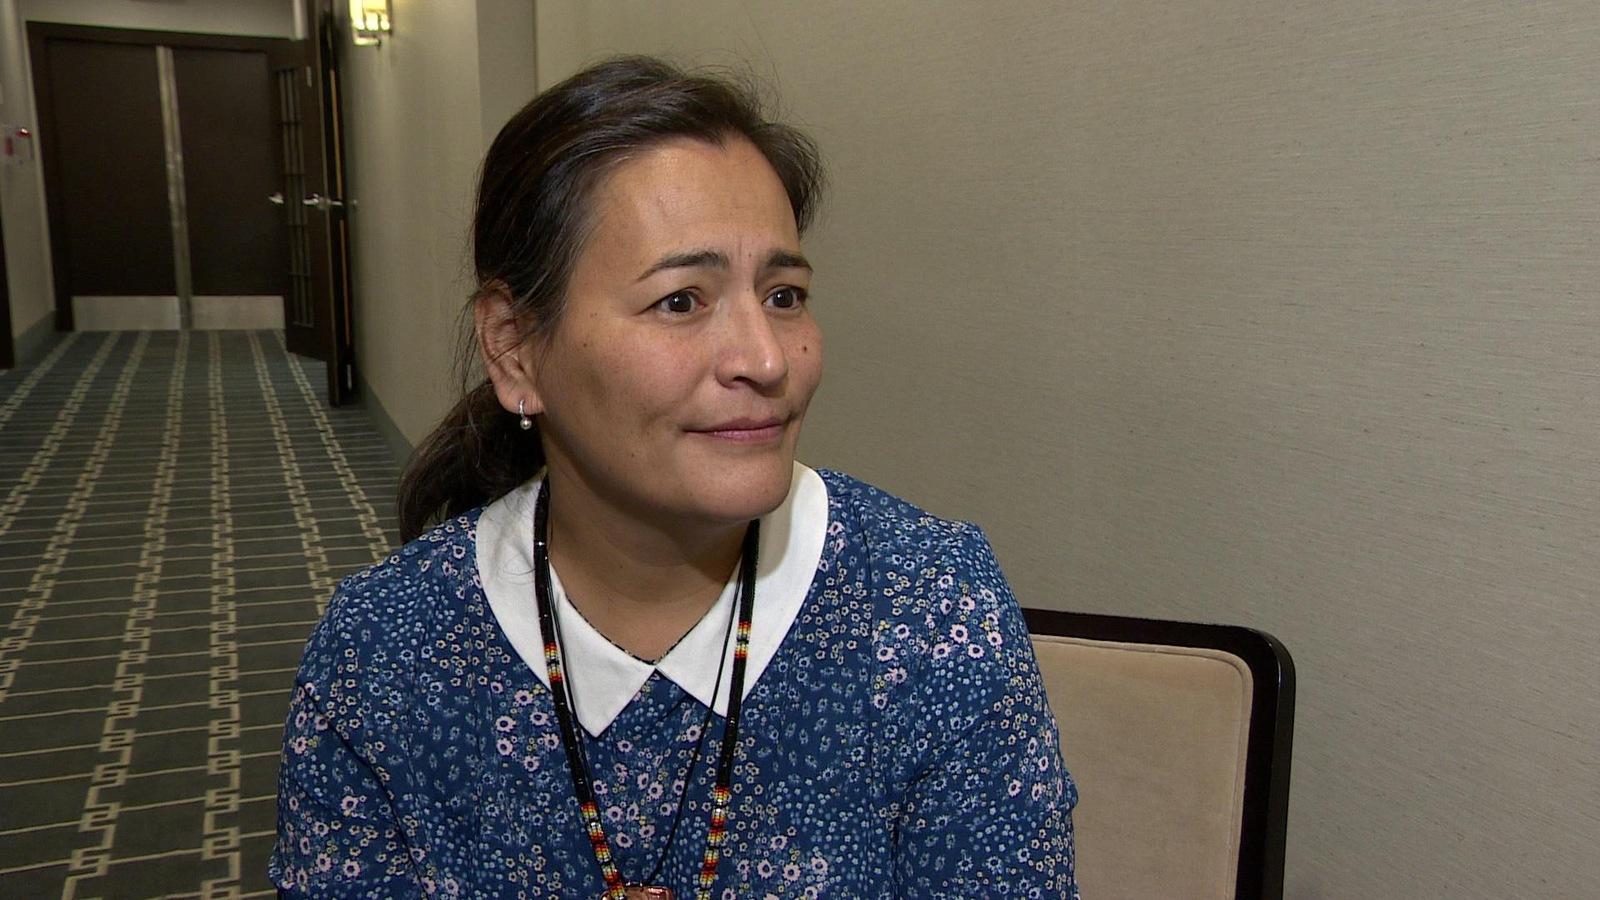 La commissaire Michèle Audette en entrevue à l'hôtel Sheraton Cavalier de Saskatoon